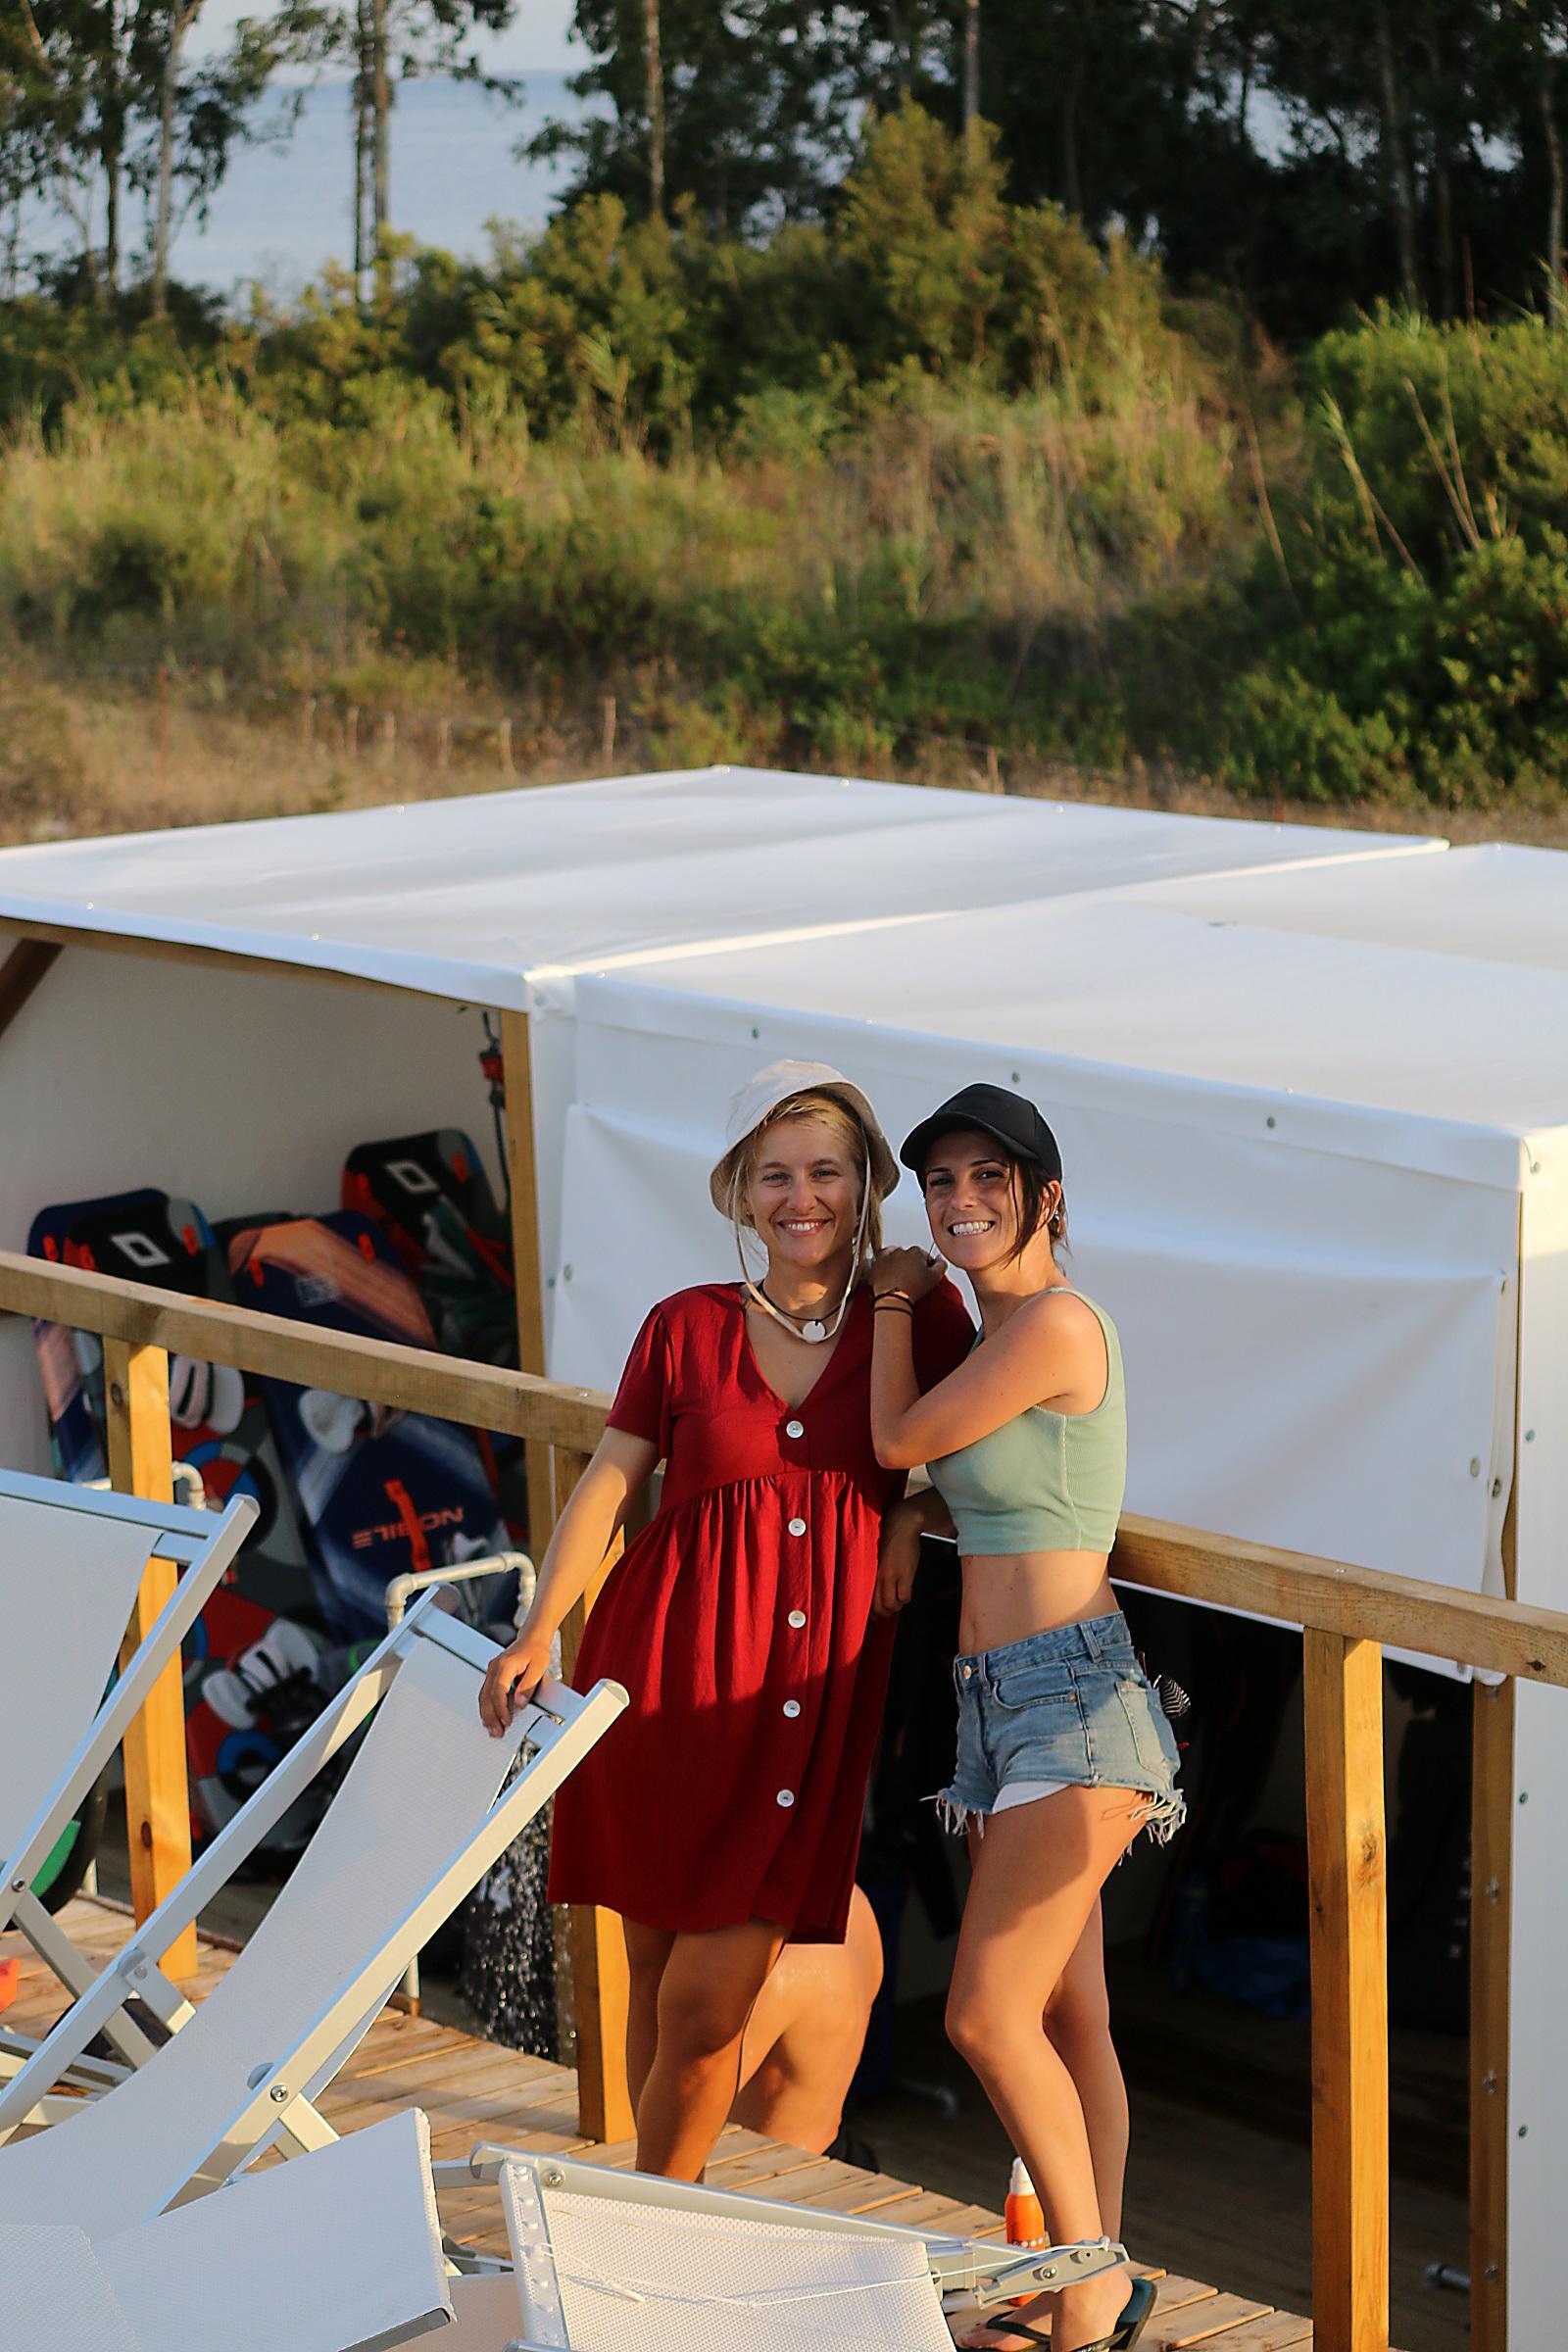 Foto ricordo alla scuola kite Punta Trettu Kite Center Sardegna